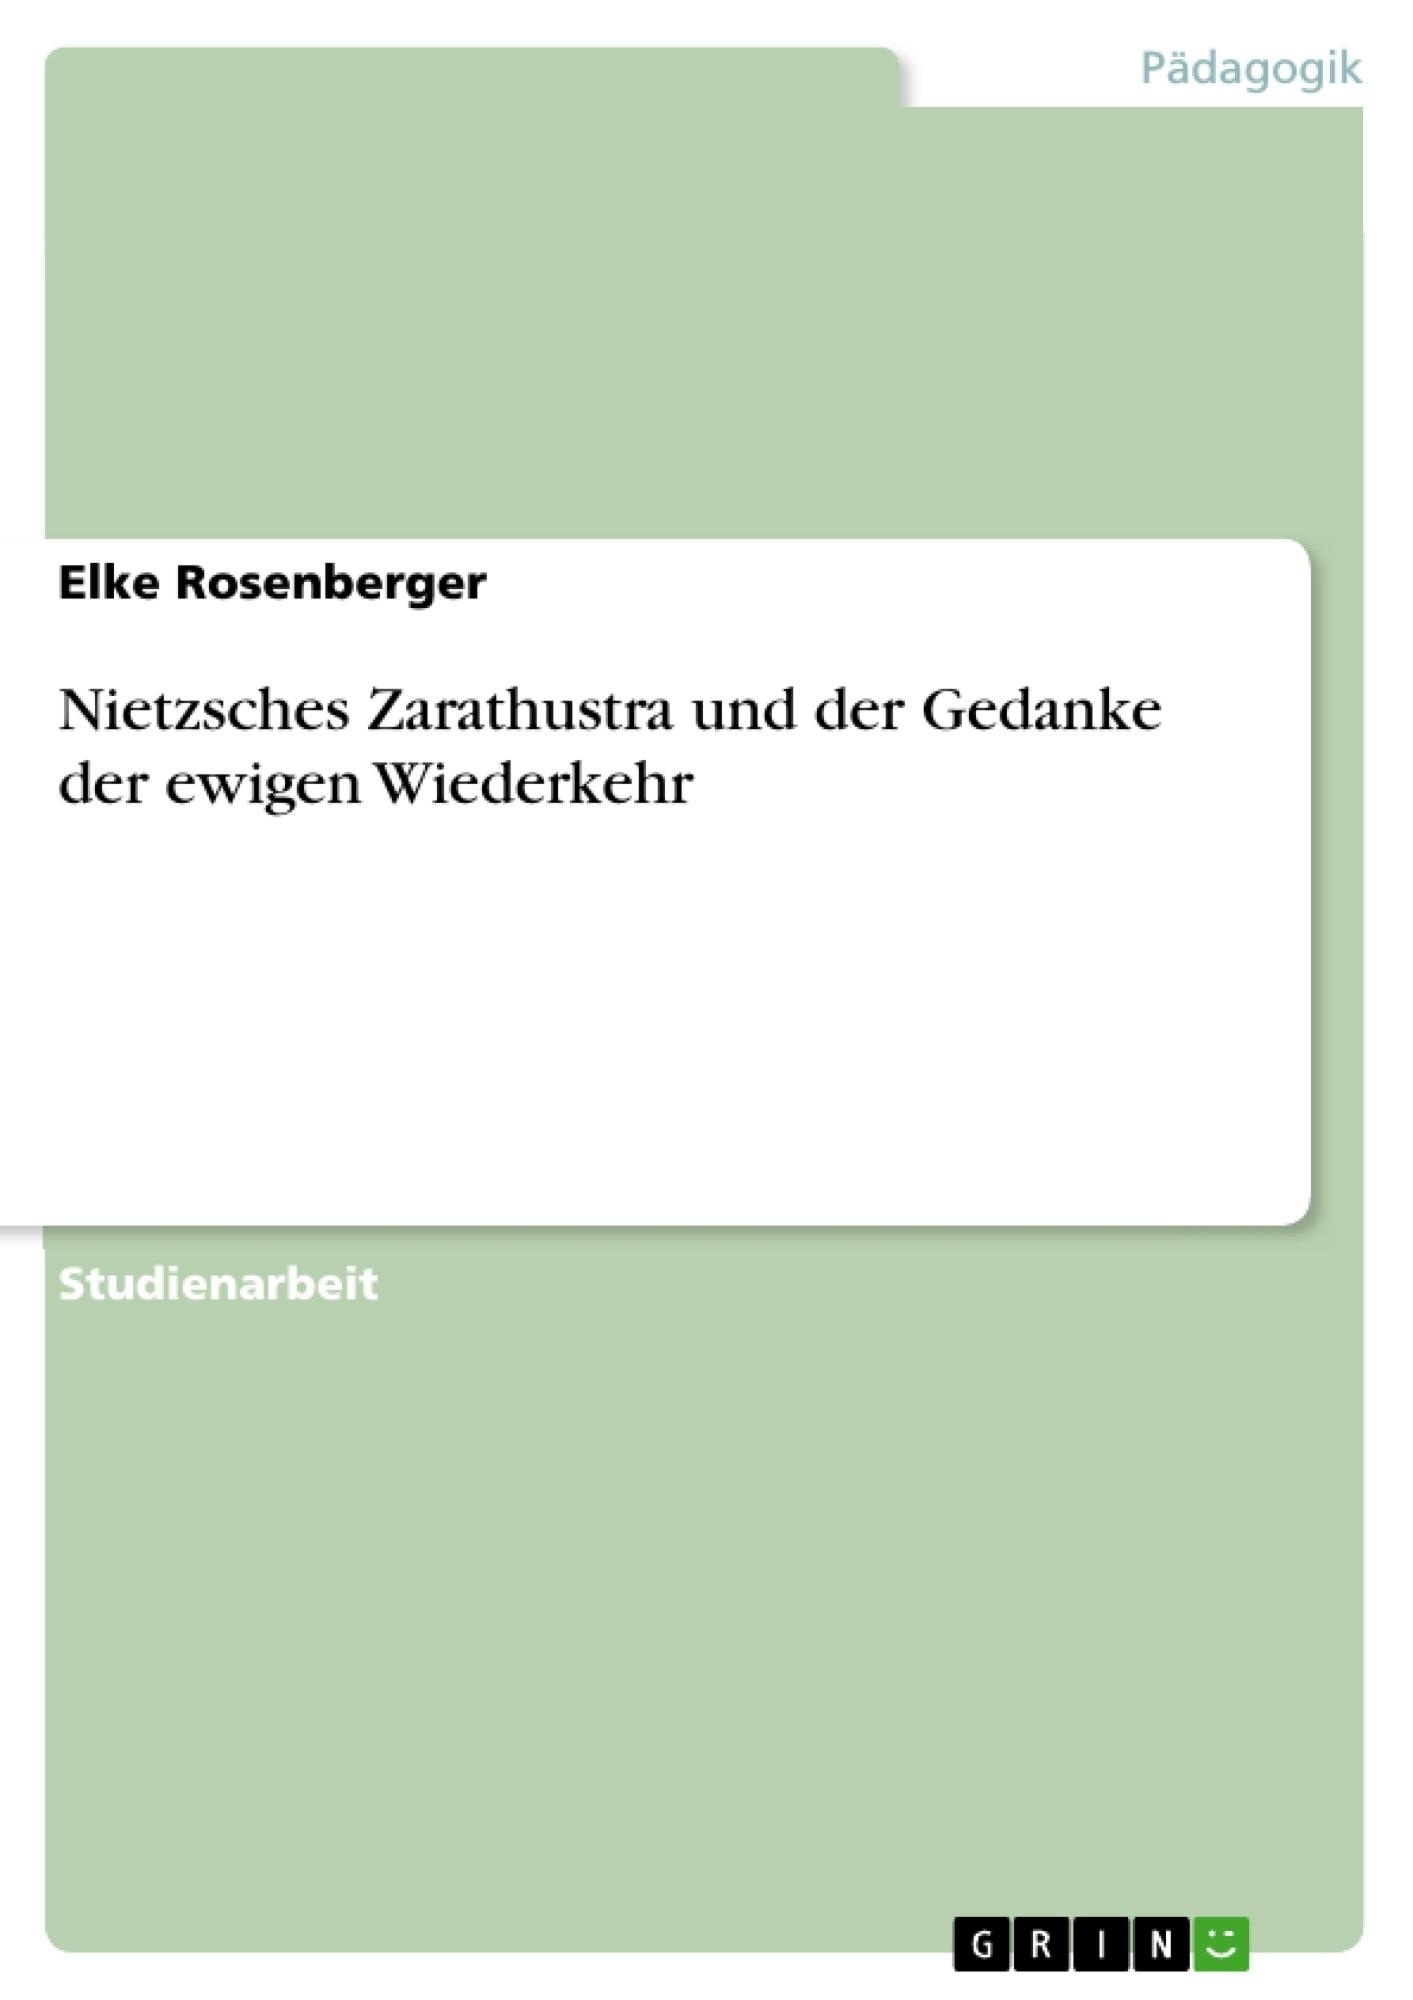 Titel: Nietzsches Zarathustra und der Gedanke der ewigen Wiederkehr